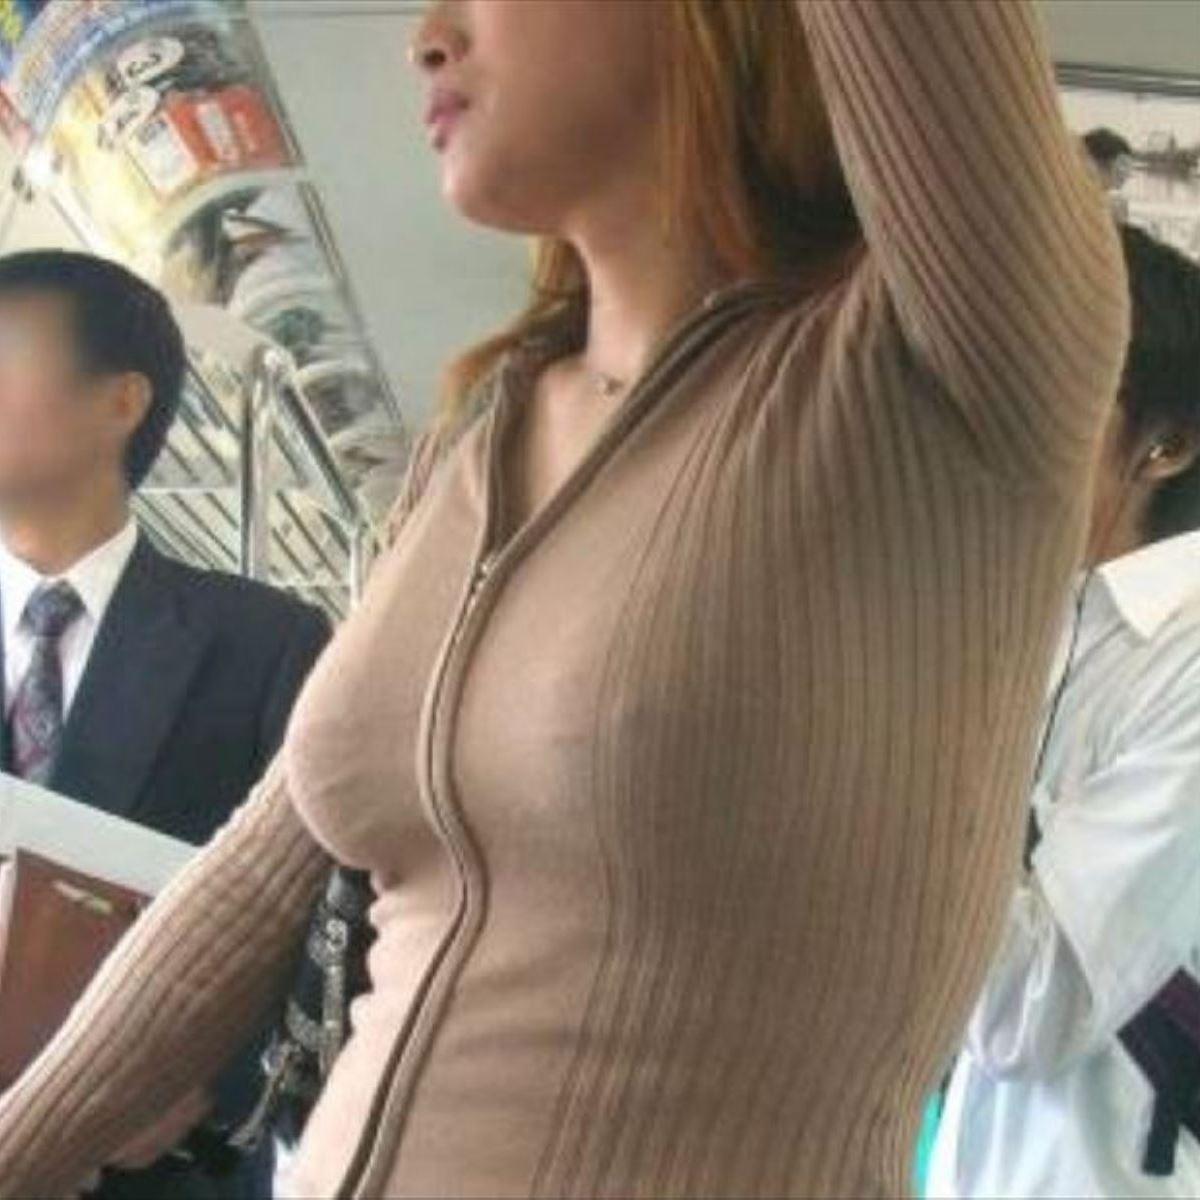 電車の中で素人美女の乳首ポッチをこっそり盗撮!